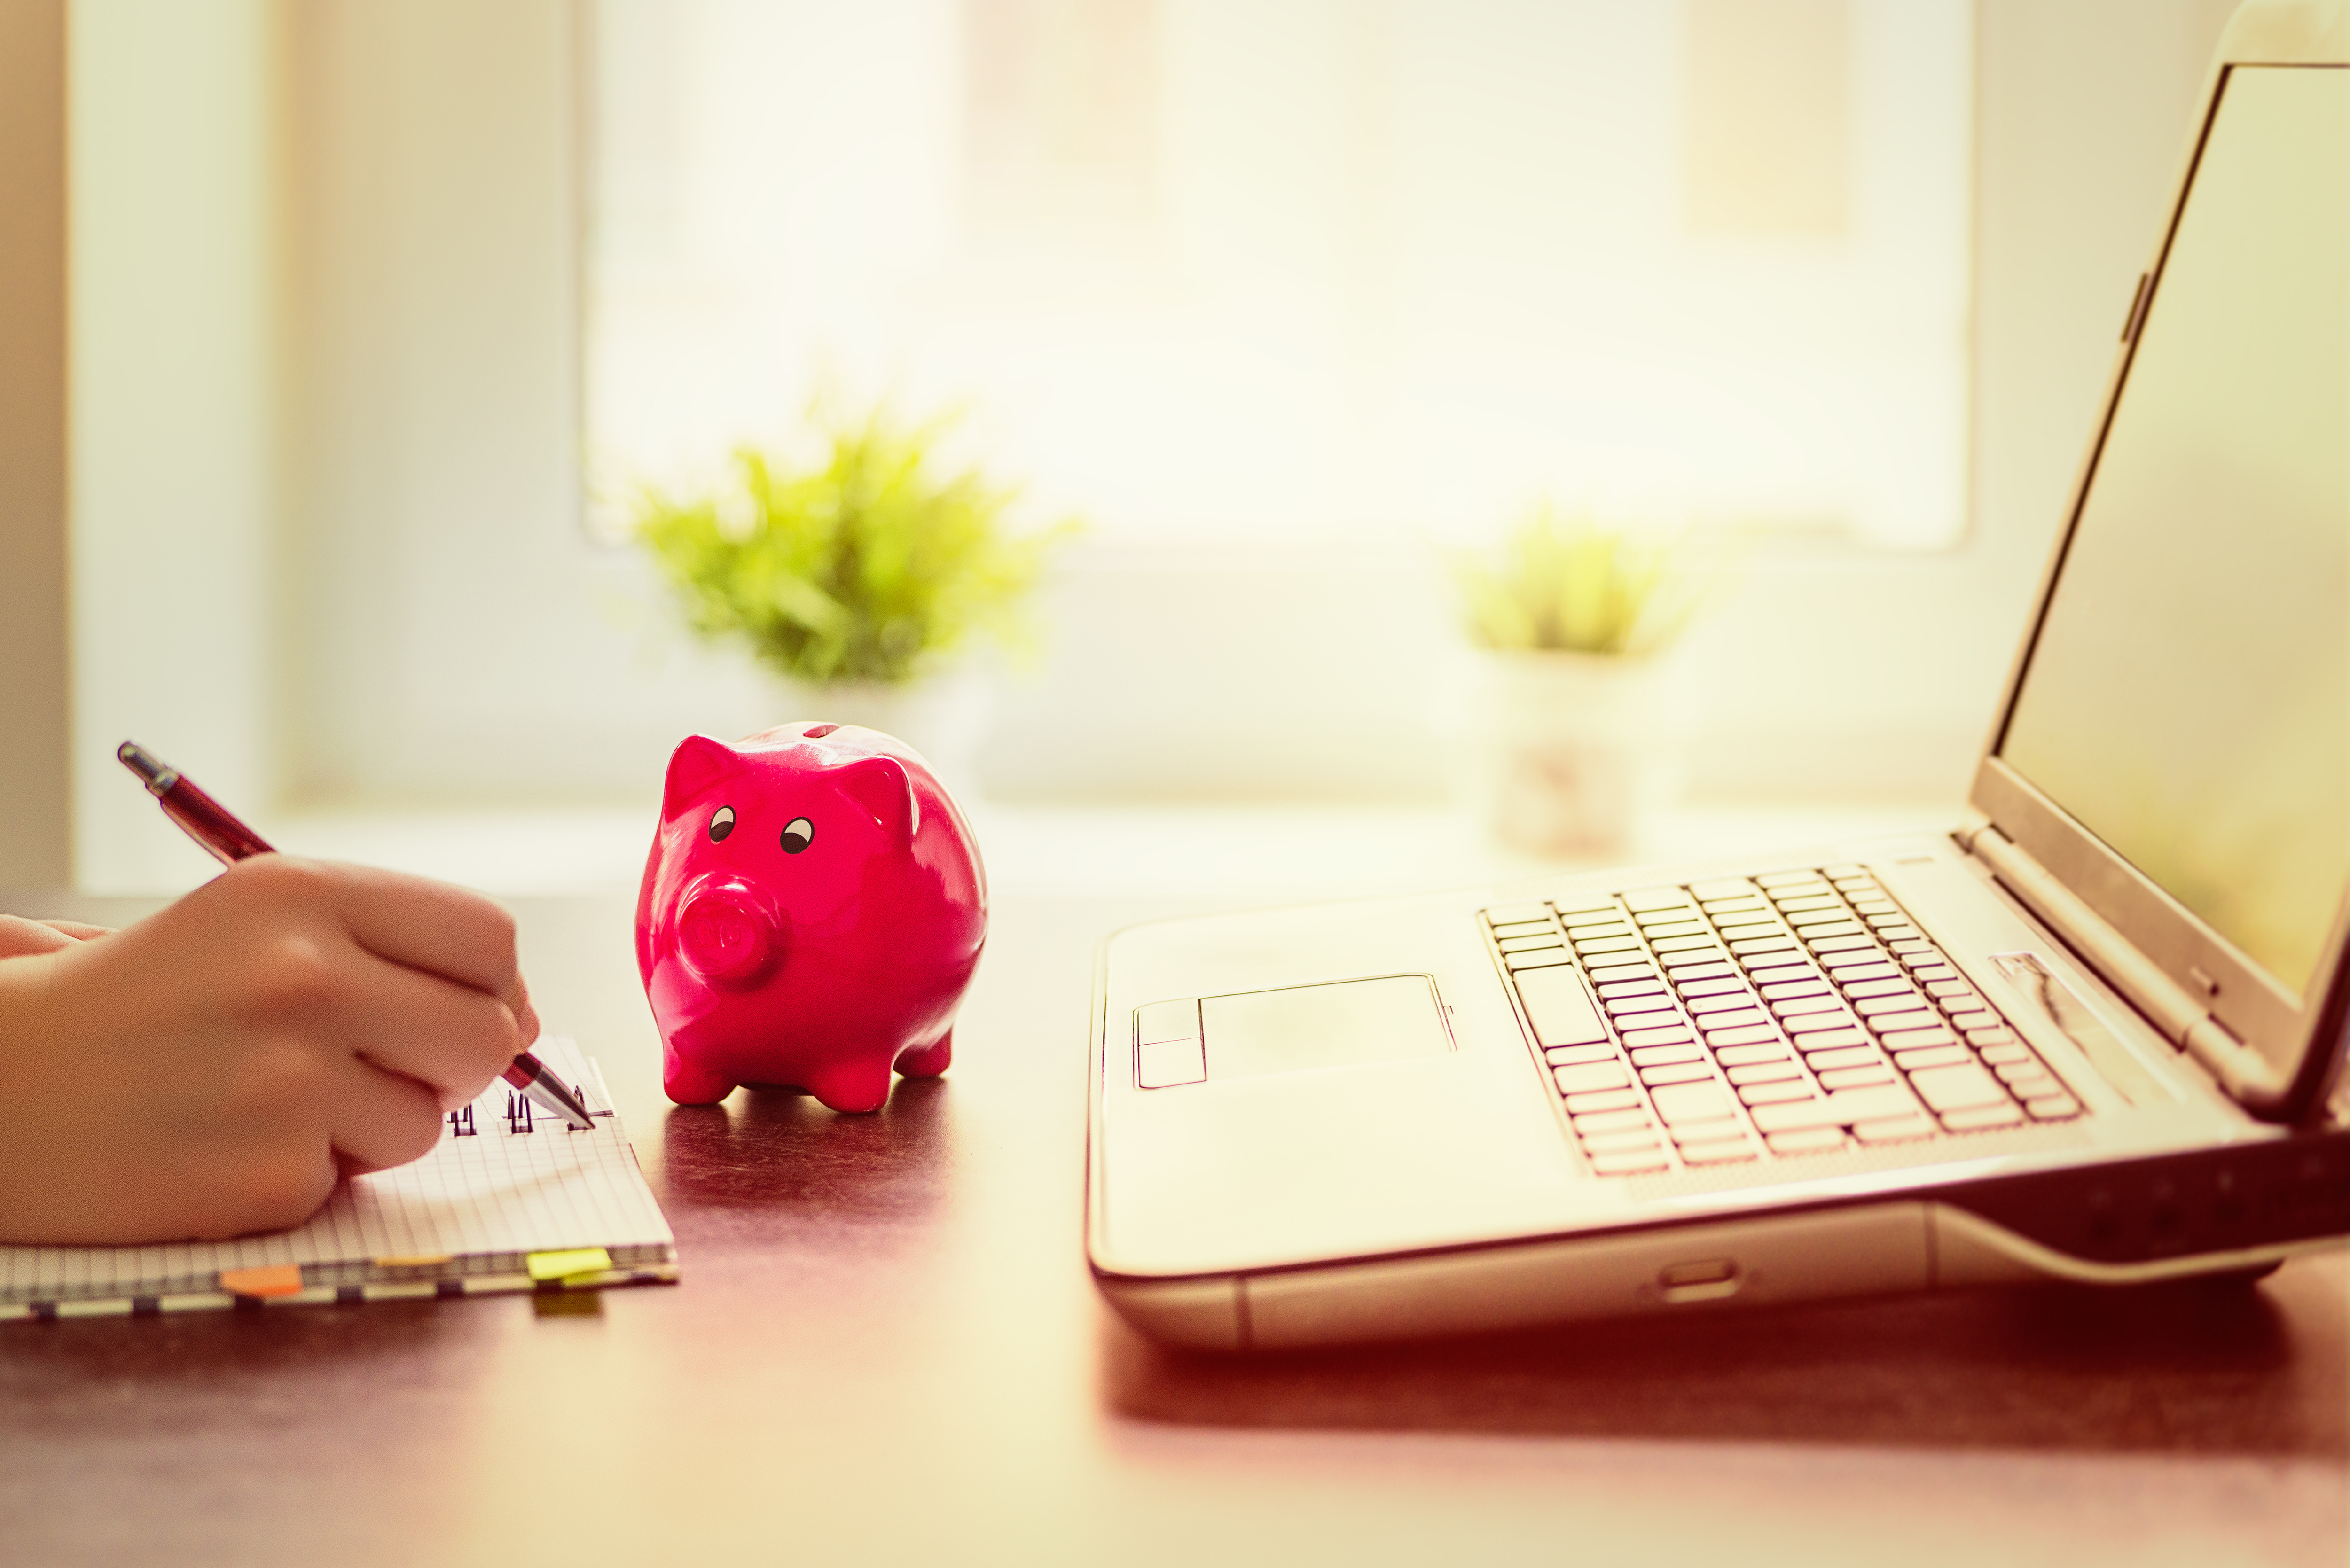 Freu schreibt in Notizblock vor Sparschwein und Laptop